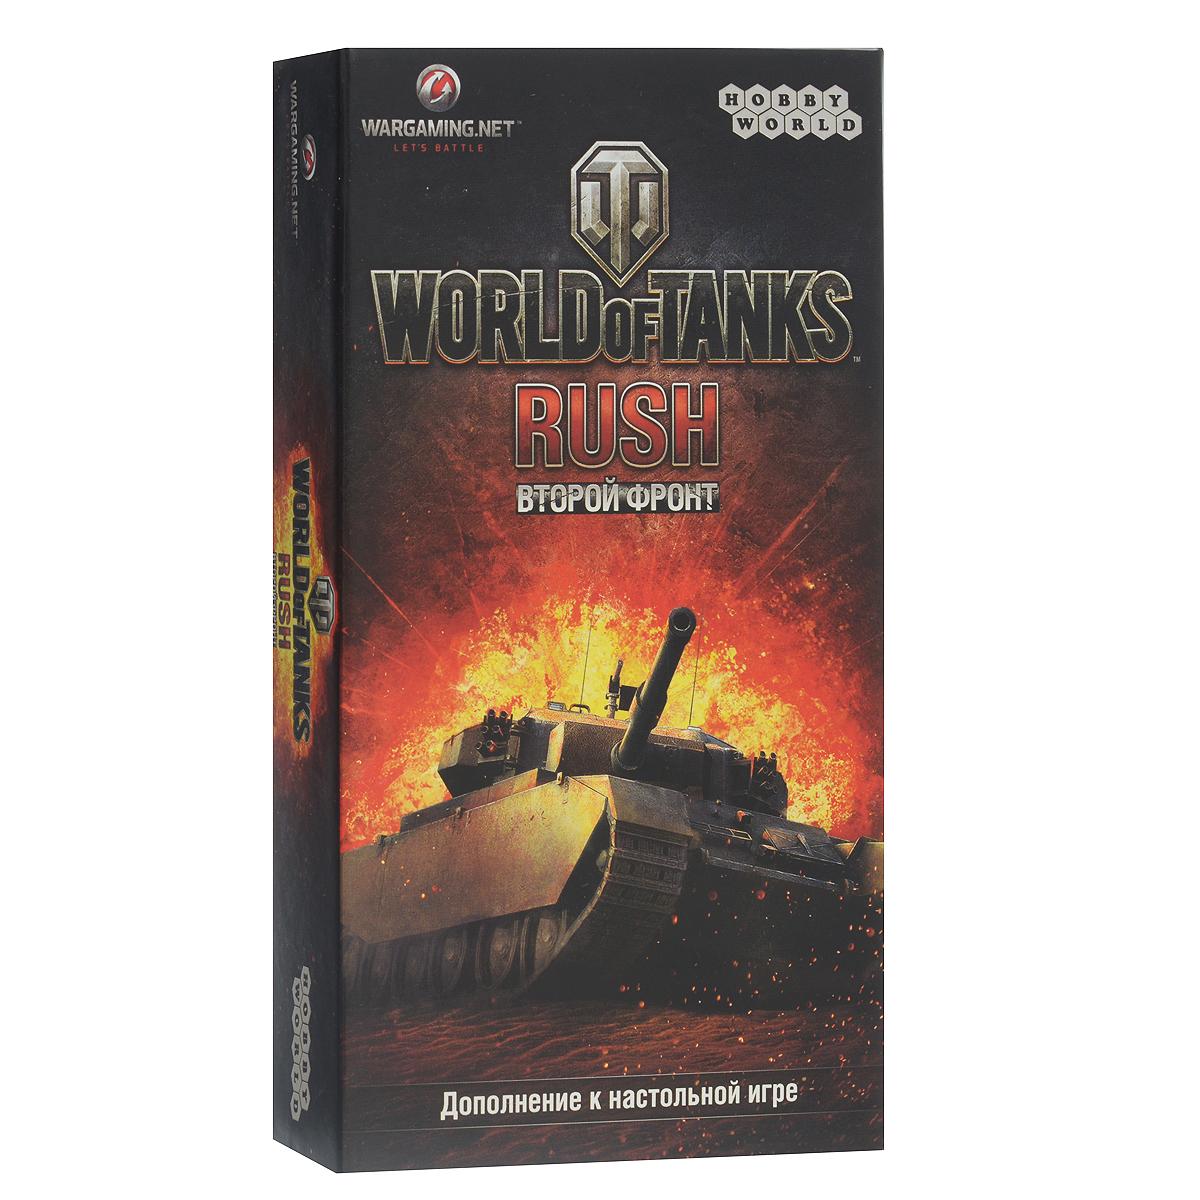 Hobby World Настольная игра World of Tanks Rush Второй Фронт (2-е издание)1342Настольная игра Hobby World World of Tanks Rush. Второй Фронт — это дополнение к популярной настольной карточной игре World of Tanks: Rush, разработанной по мотивам онлайн-хита World of Tanks. Готовьтесь к новым сражениям, более динамичным и разнообразным, — Второй фронт добавляет в игру бронетехнику Великобритании, новые достижения и способности, игровую зону тыл и особую базу штаб, компоненты для игры вшестером и многое другое. Ищите новые комбинации карт, чтобы разгромить соперников! В комплект входят 30 карт техники Великобритании, 5 карт техники СССР, 5 карт техники США, 5 карт техники Третьего рейха, 5 карт техники Франции, 12 карт медалей Великобритании, 6 карт штабов, 9 карт стартового комплекта для шестого игрока, 6 карт-памяток, 12 карт достижений, карта руин, 2 пустые карты достижений, правила дополнения на русском языке и купон на получение 3 дней премиум-аккаунта в игре World of Tanks. Эта игра не является самостоятельным дополнением, для игры...